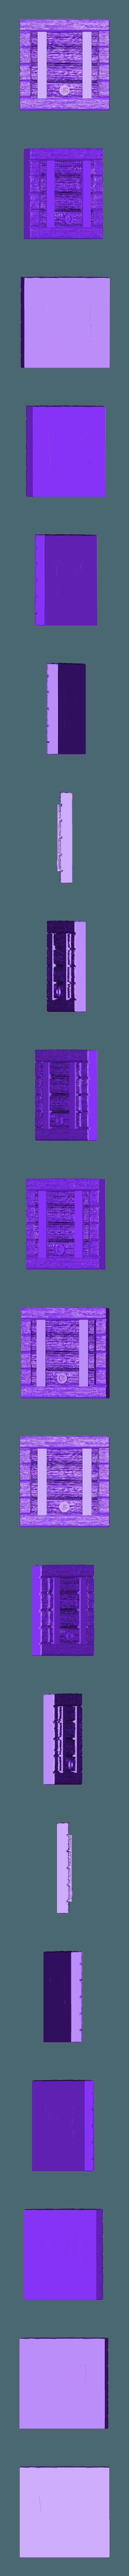 mansion12.obj Télécharger fichier OBJ meubles pour manoir de folie • Modèle pour imprimante 3D, 3DRune